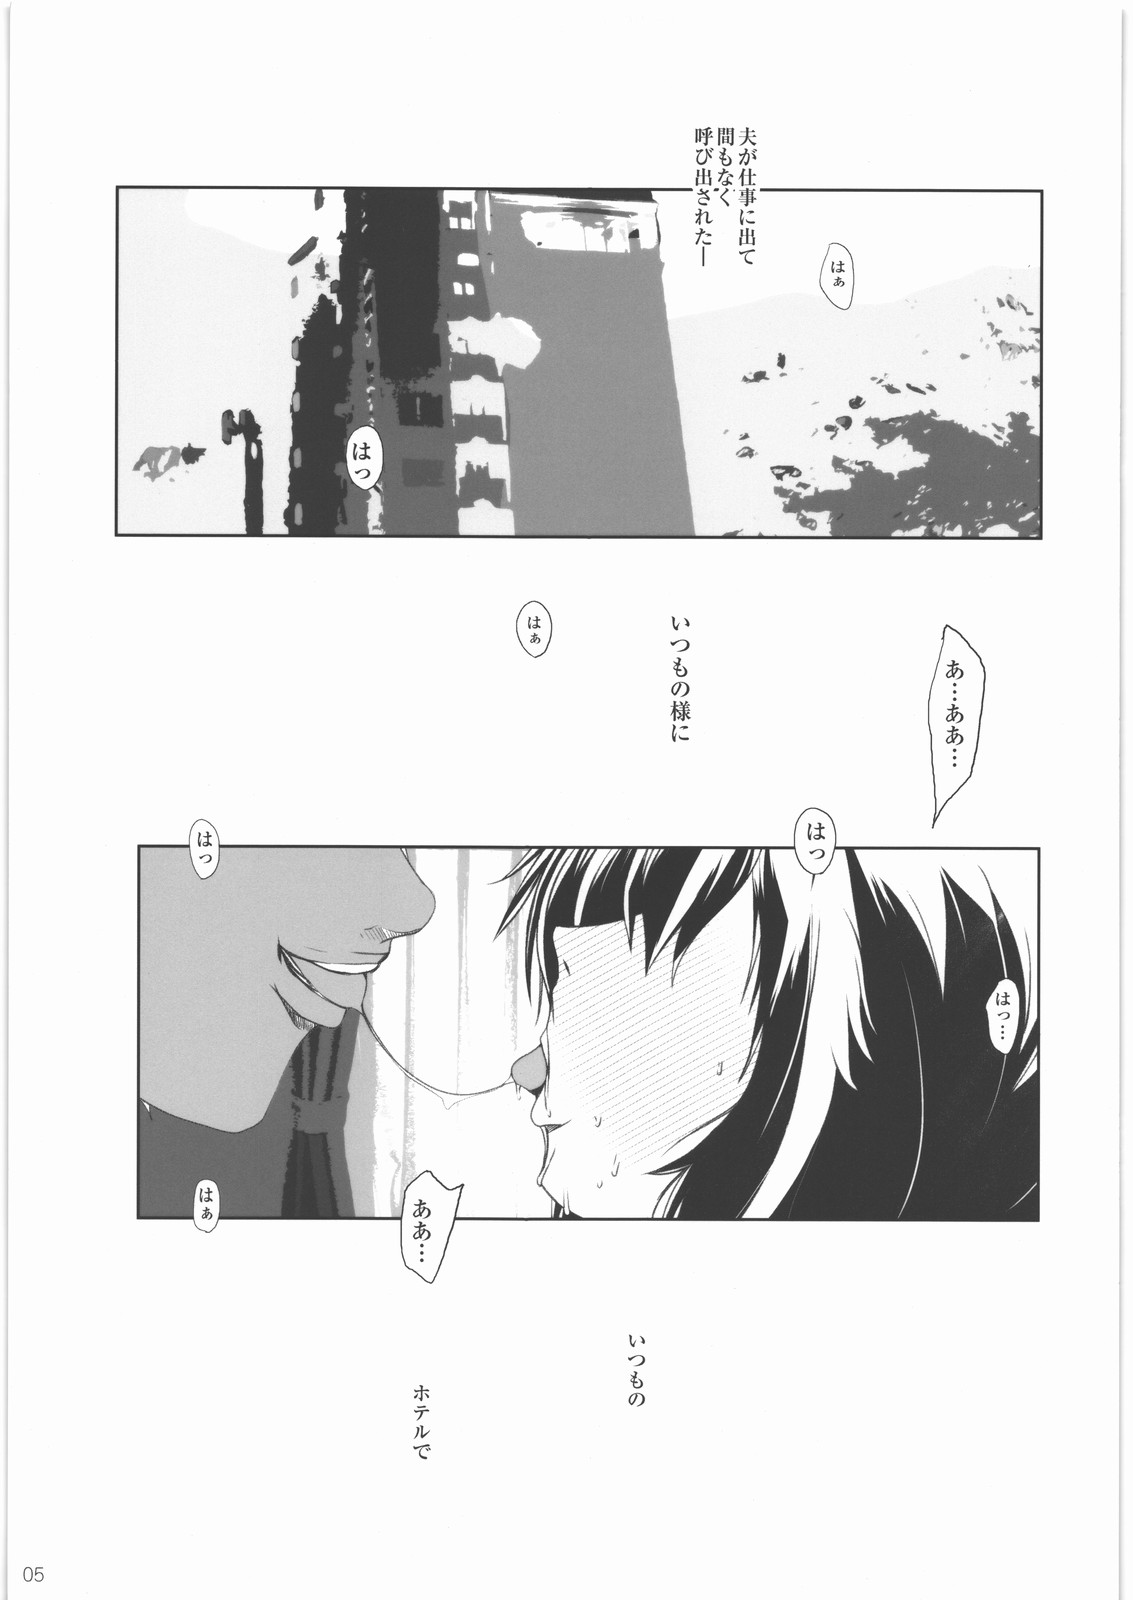 【エロ漫画・エロ同人誌】巨乳人妻から巨乳女子校生までエッチなセフレとのセックスをどぞwwwwwwwwwwwwww (4)